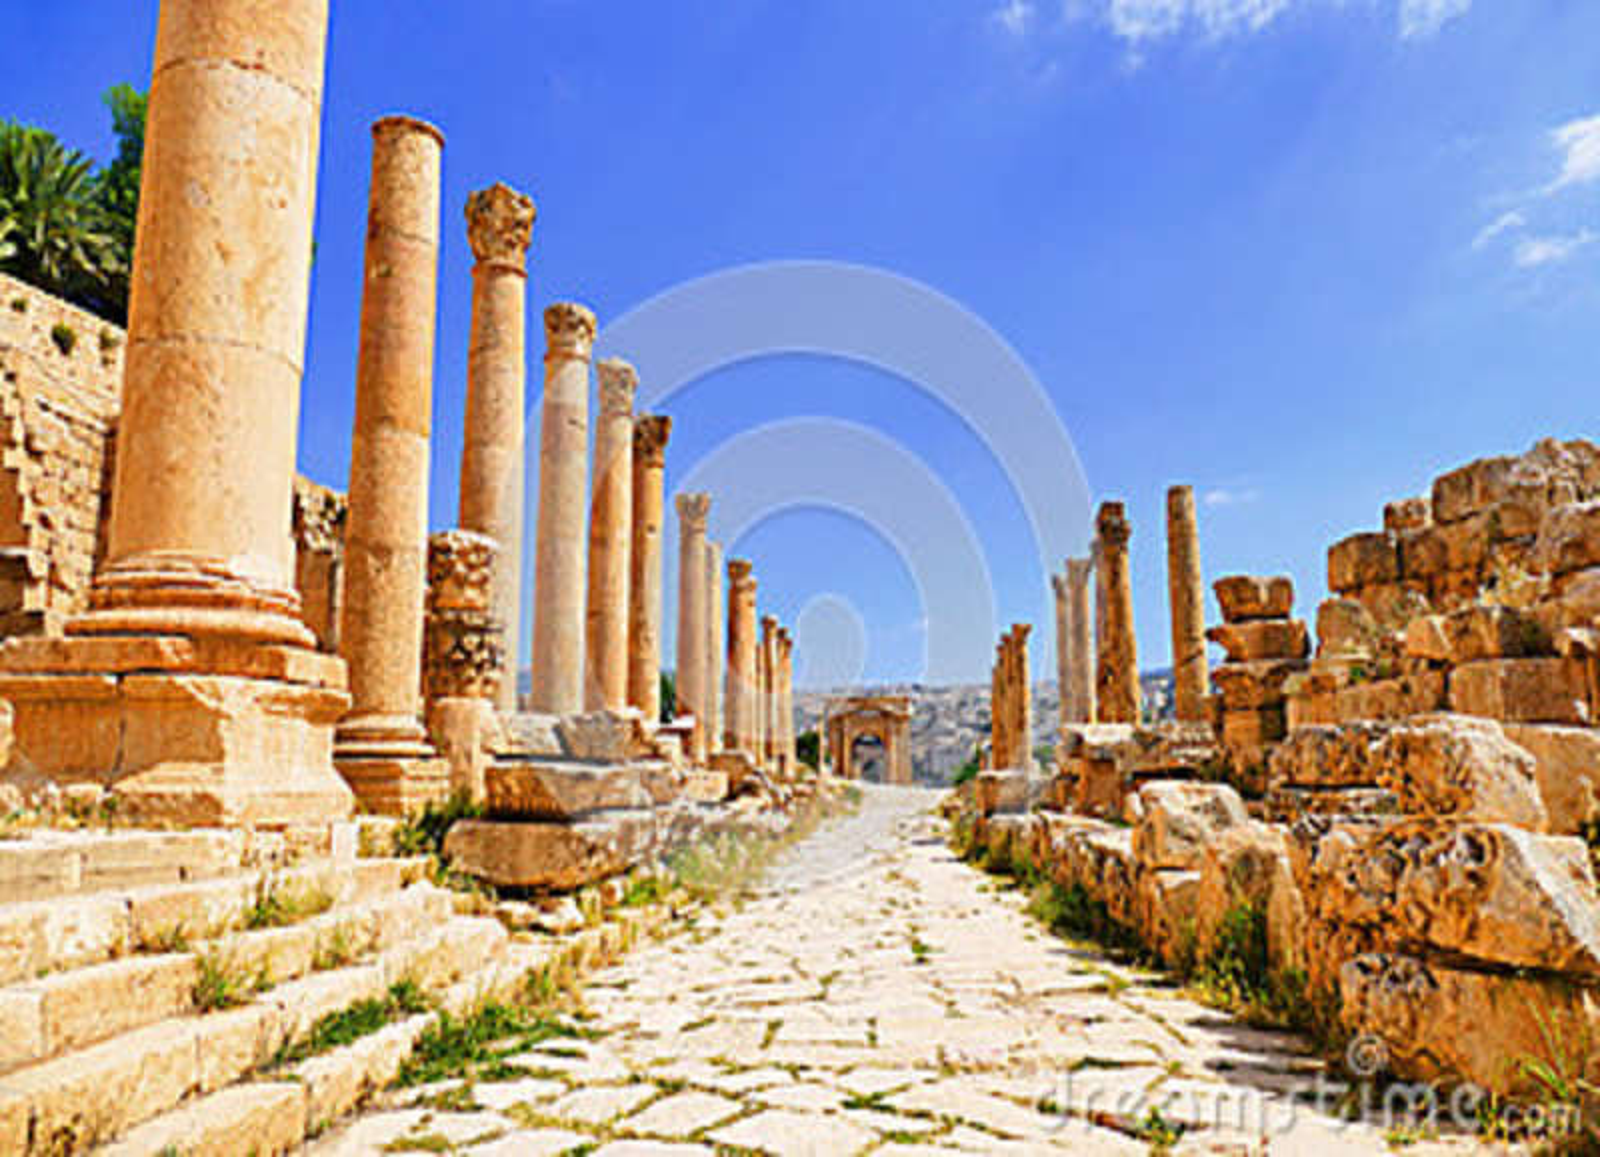 Toneelmenings Oude Grieks-Romeinse Corinthische Kolommen op Colonnaded Cardo aan het Noorden Tetrapylon in Jerash, Jordanië